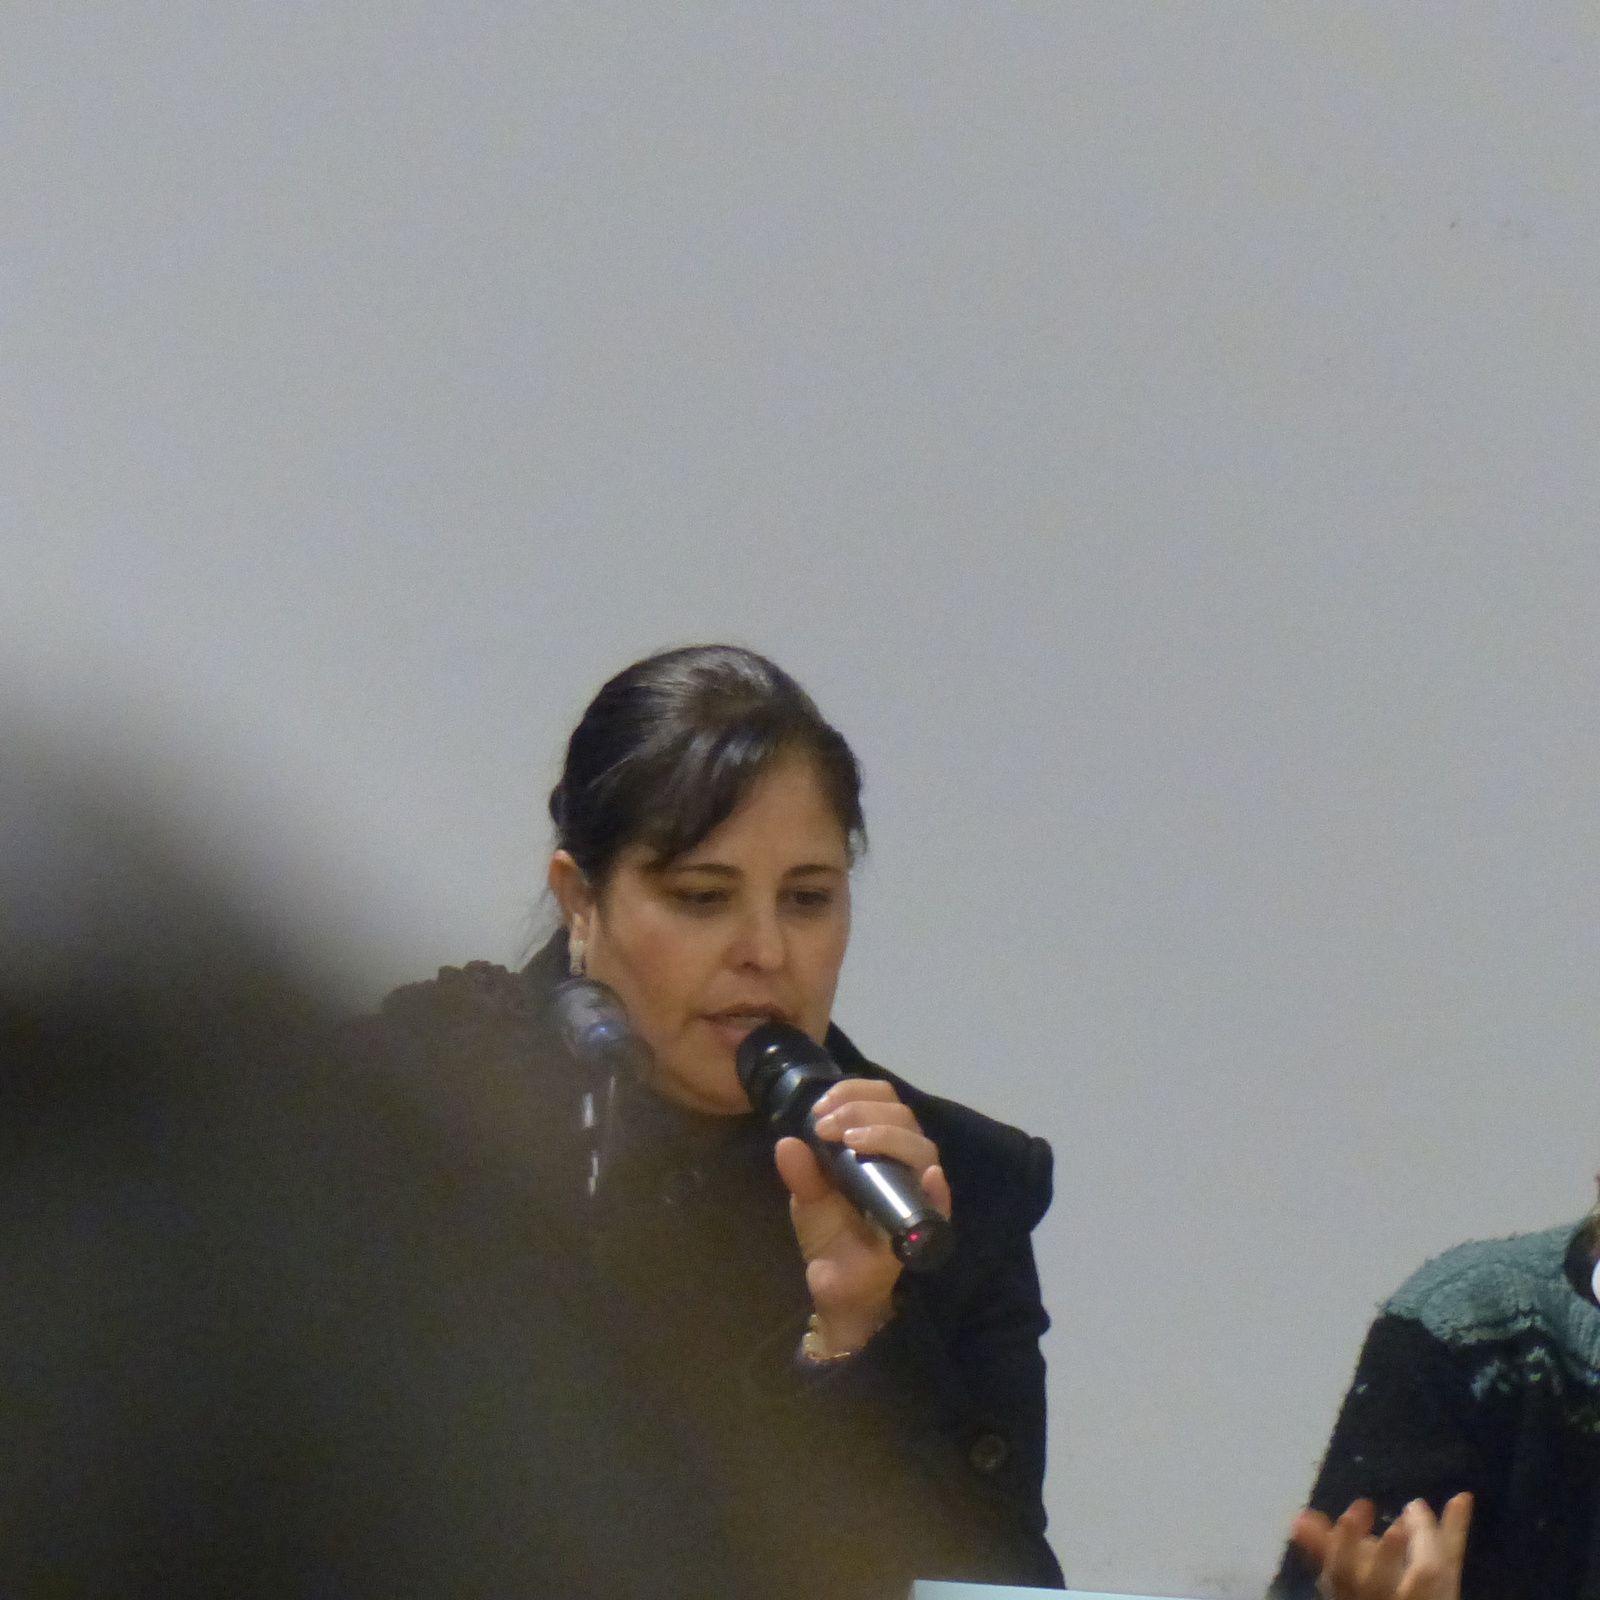 Trois mères de jeunes disparus: A Chihuahua, DF, Ayotzinapa. Réclamant justice.